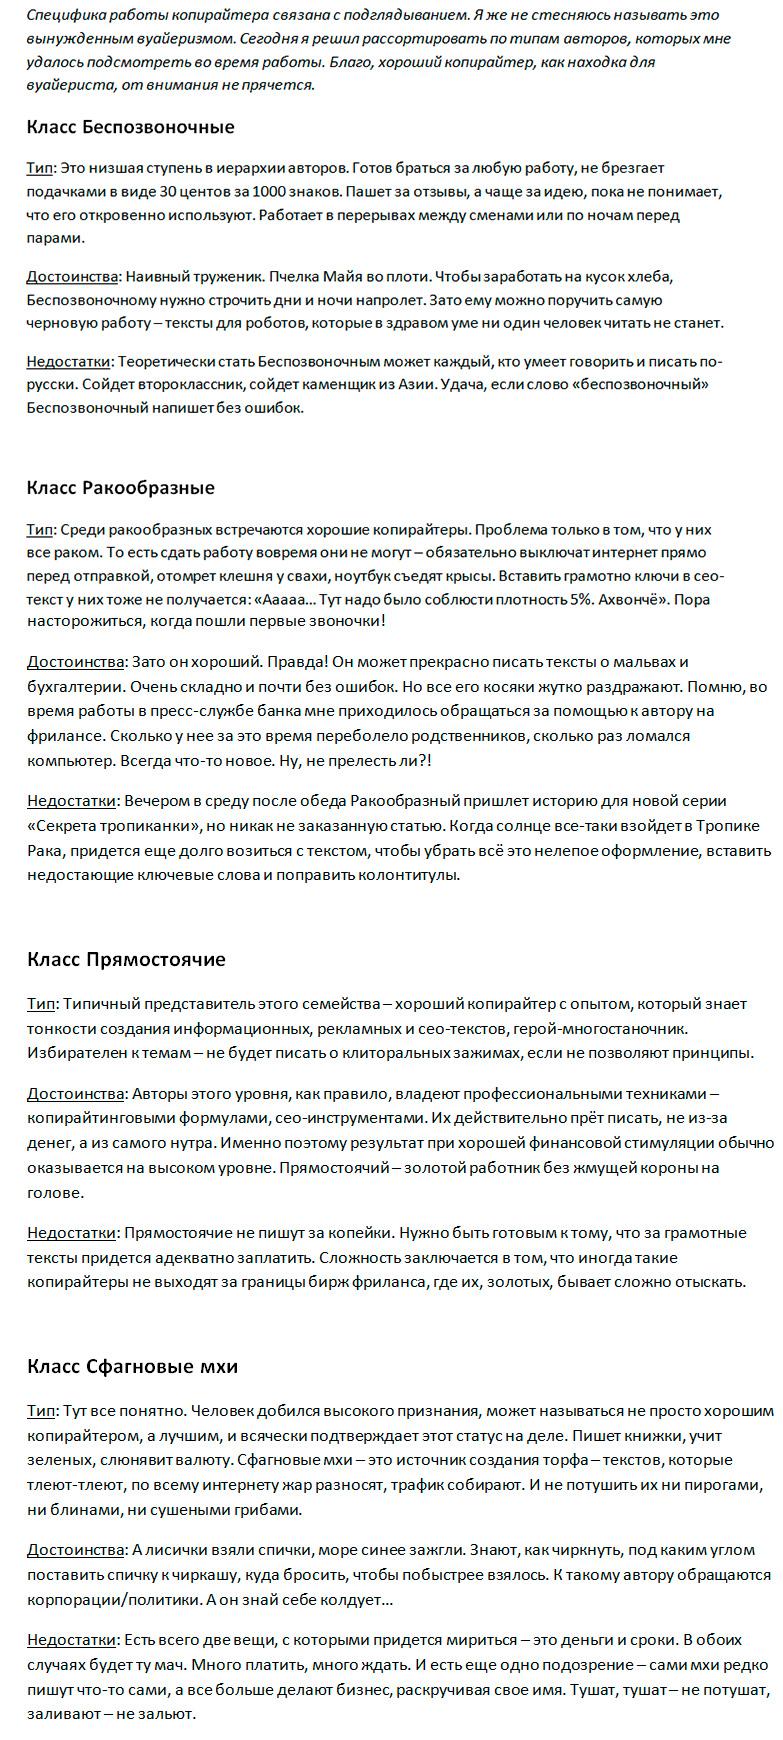 Авторский сео-текст о типах копирайтеров